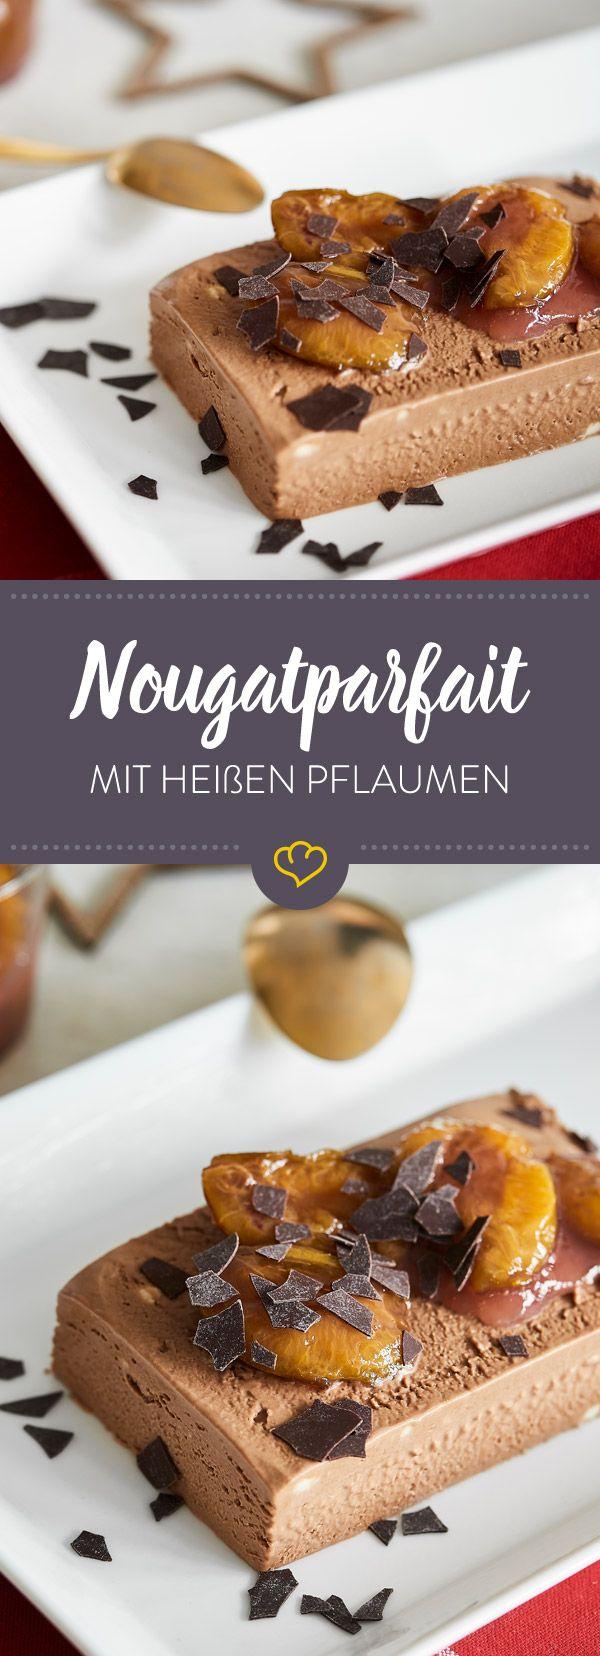 Einfach zubereitet, auch ohne Eismaschine cremig, und unendlich lecker: Eiskaltes Nougatparfait trifft auf heiße Pflaumen, das perfekt Dessert ist geboren!